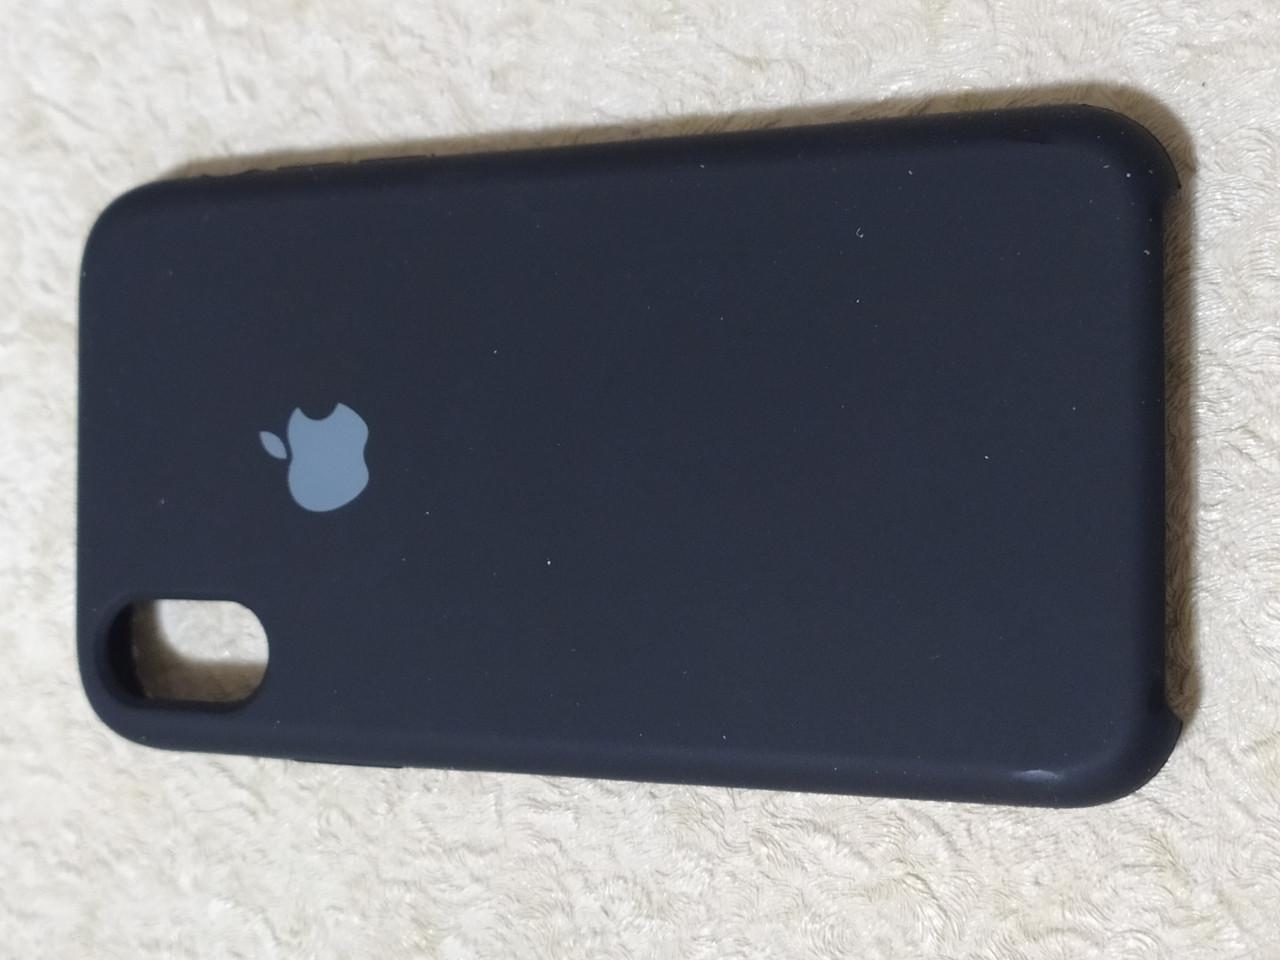 Накладка   Silicon Case Original  для  iPhone XR  6.1  (черный)